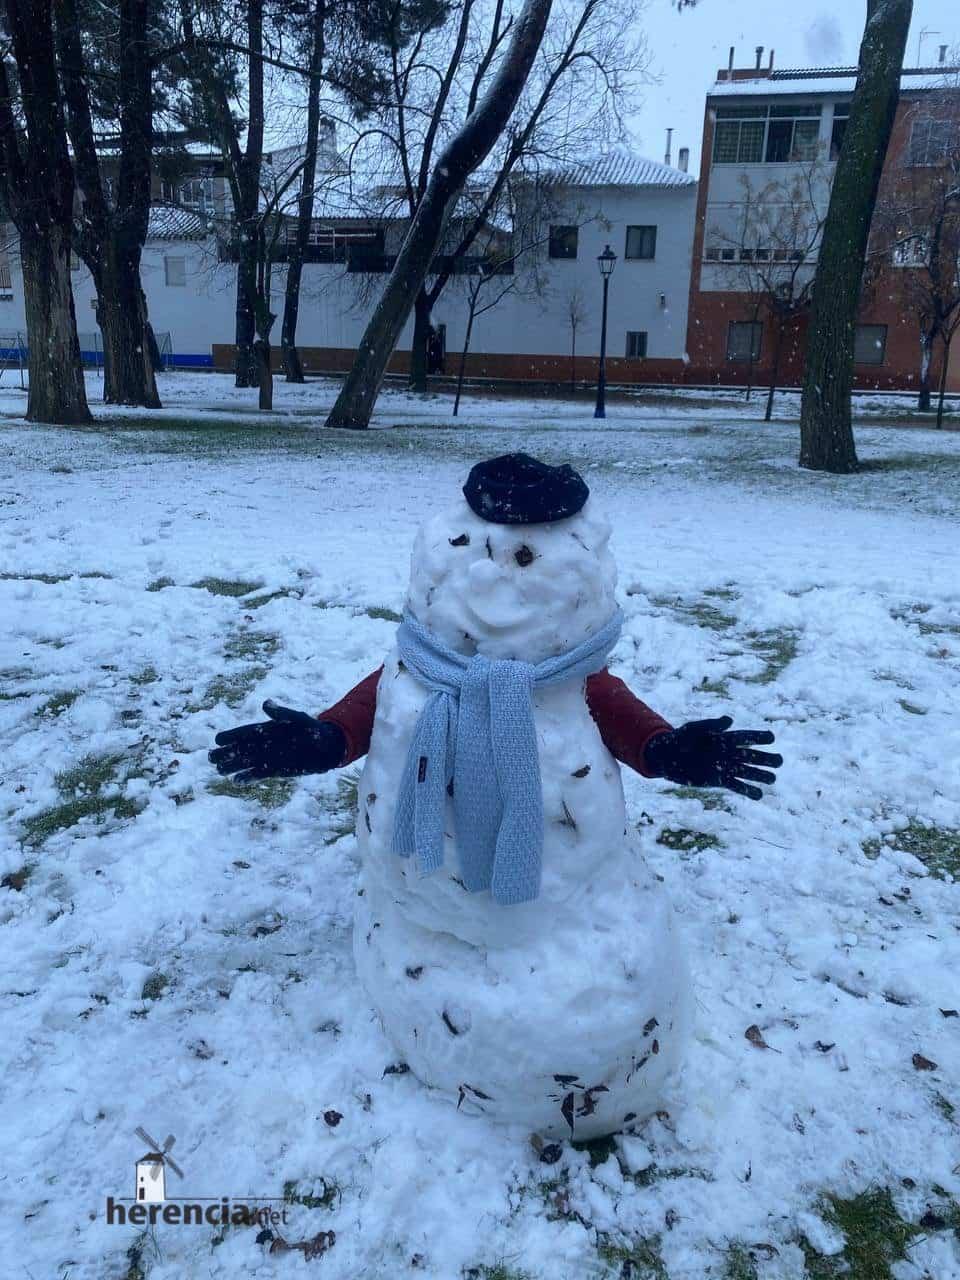 Más fotografías de las nieves de 2021 en Herencia 128